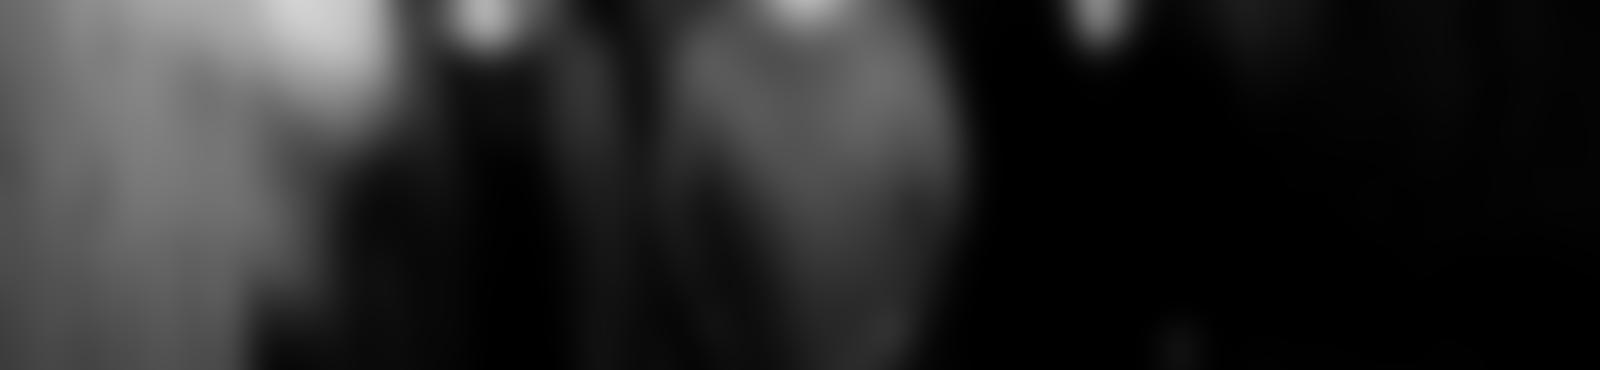 Blurred a272e455 60cd 46a9 a51b 57506b2592cb